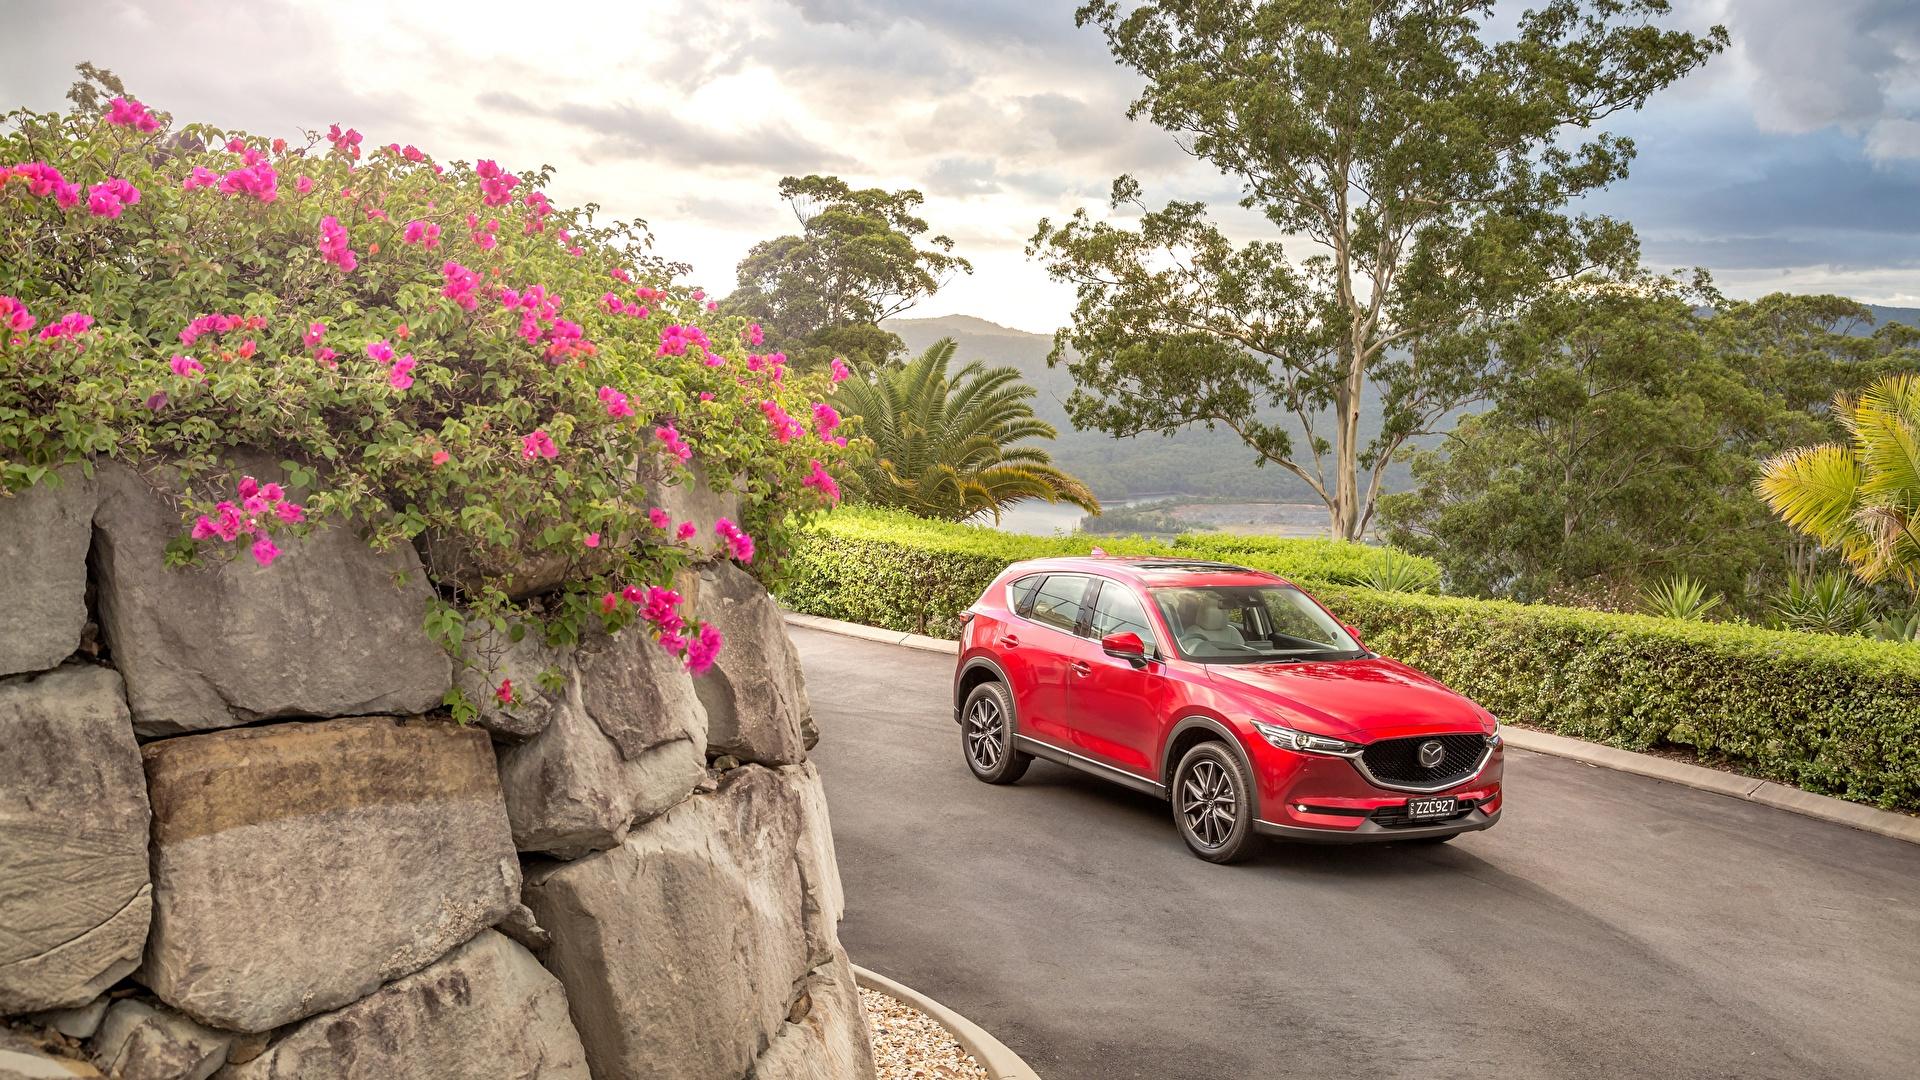 Картинка Mazda 2017 CX-5 Akera красных машина Металлик 1920x1080 Мазда Красный красные красная авто машины автомобиль Автомобили